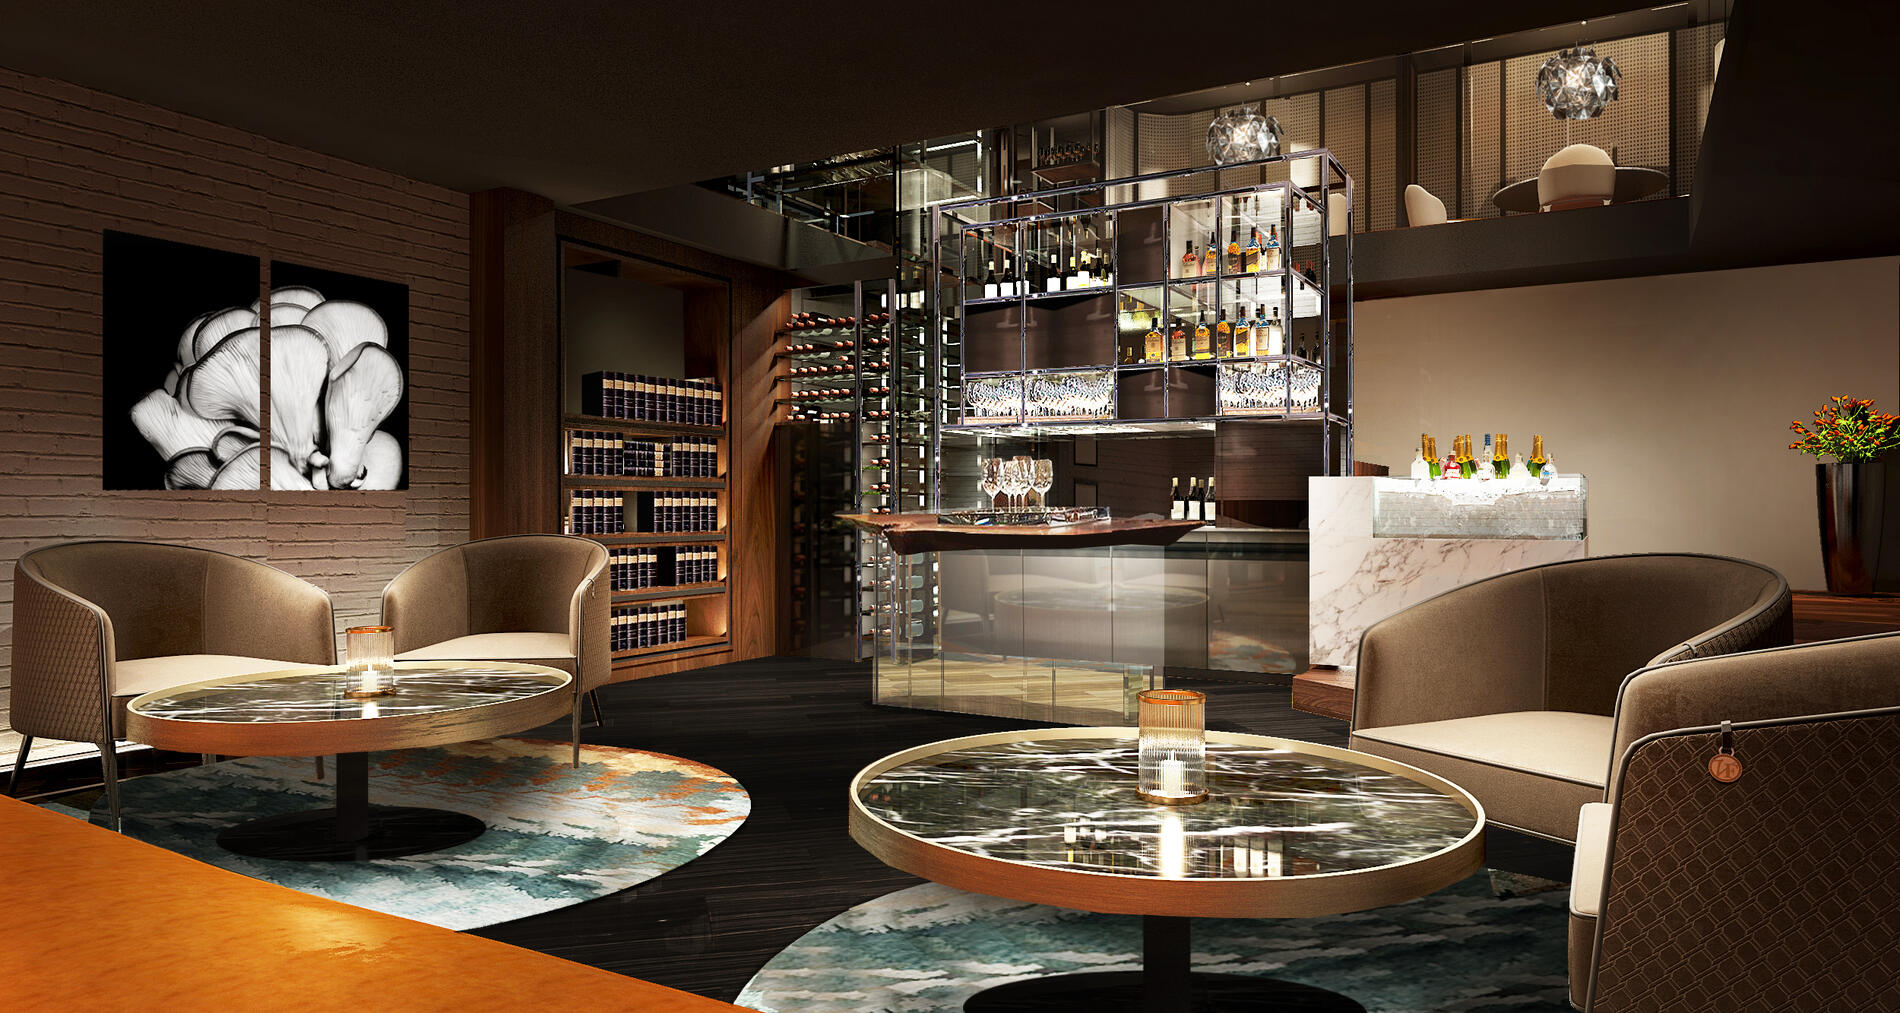 Cliantro Restaurant & Wine Bar| Best Restaurants In Kuala Lumpu